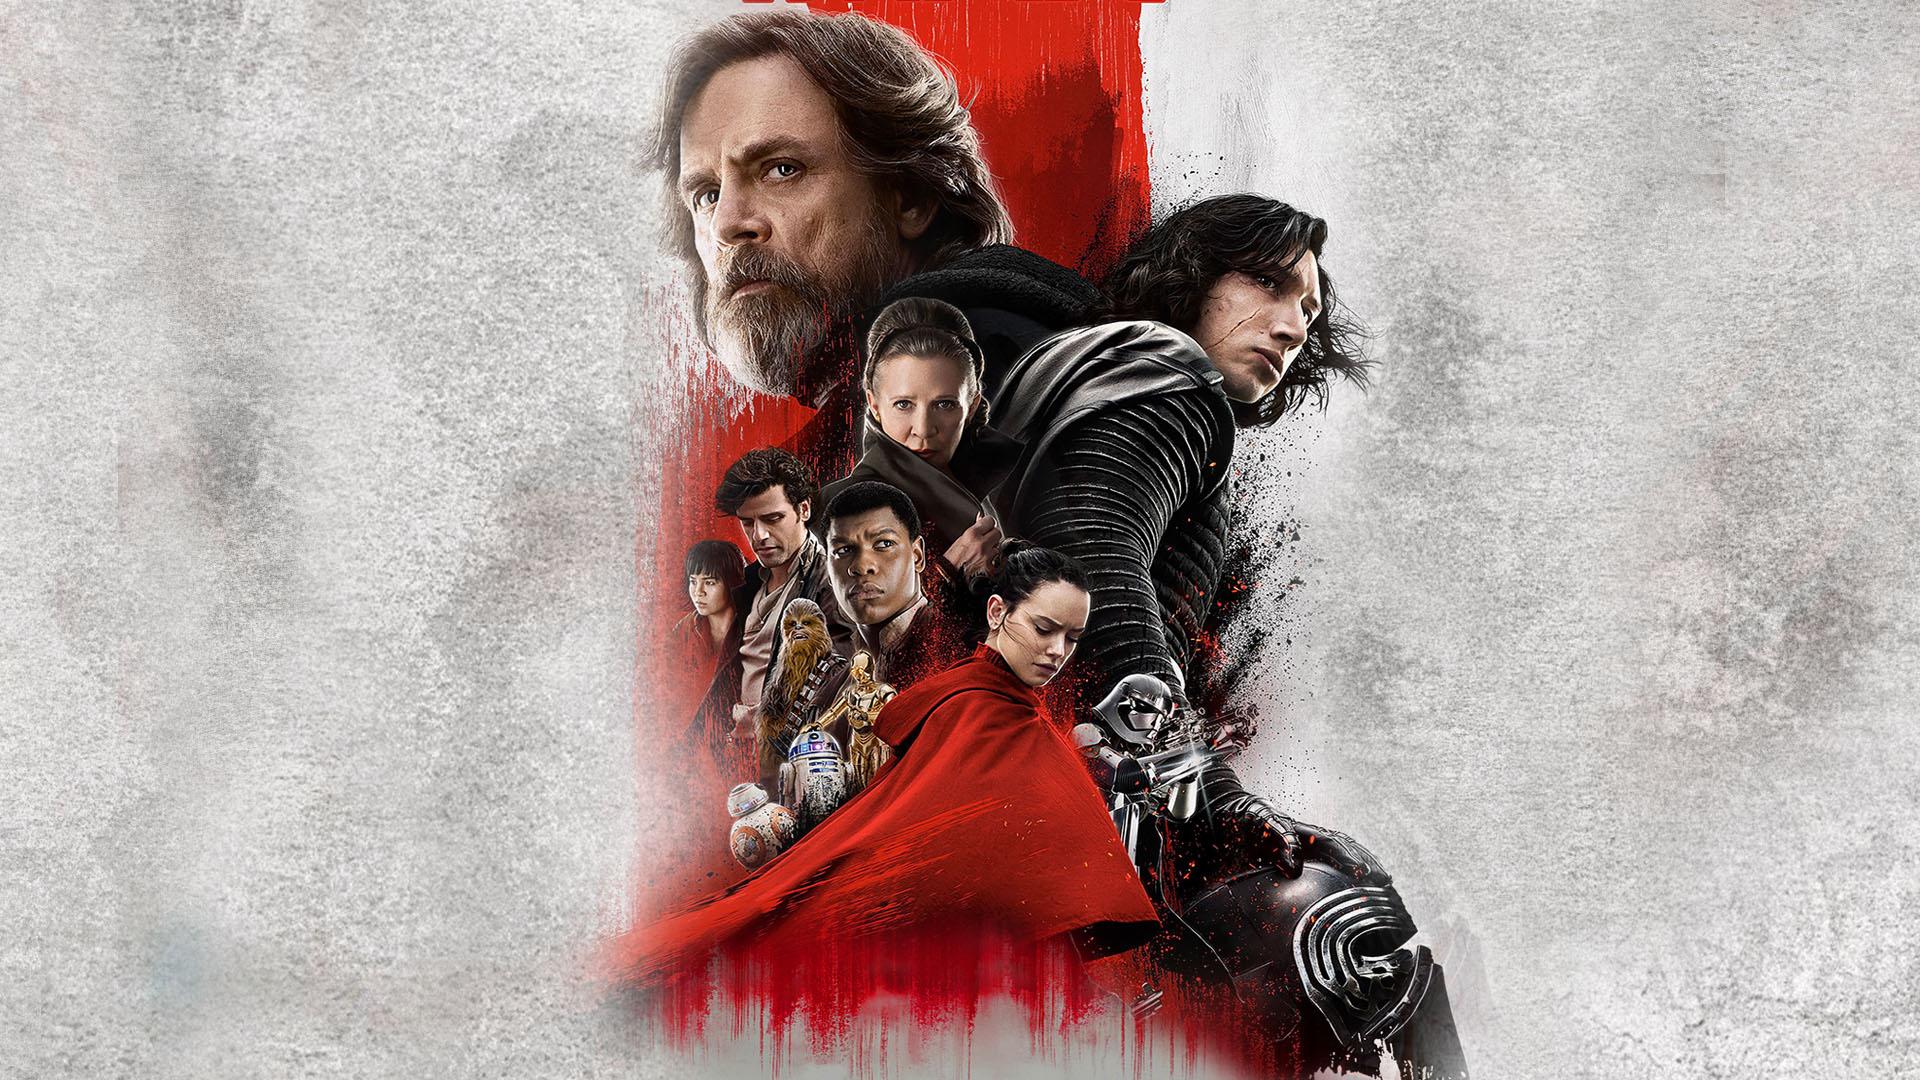 Star Wars Last Jedi Wallpaper: Wallpaper : Star Wars The Last Jedi, Movies, Movie Poster